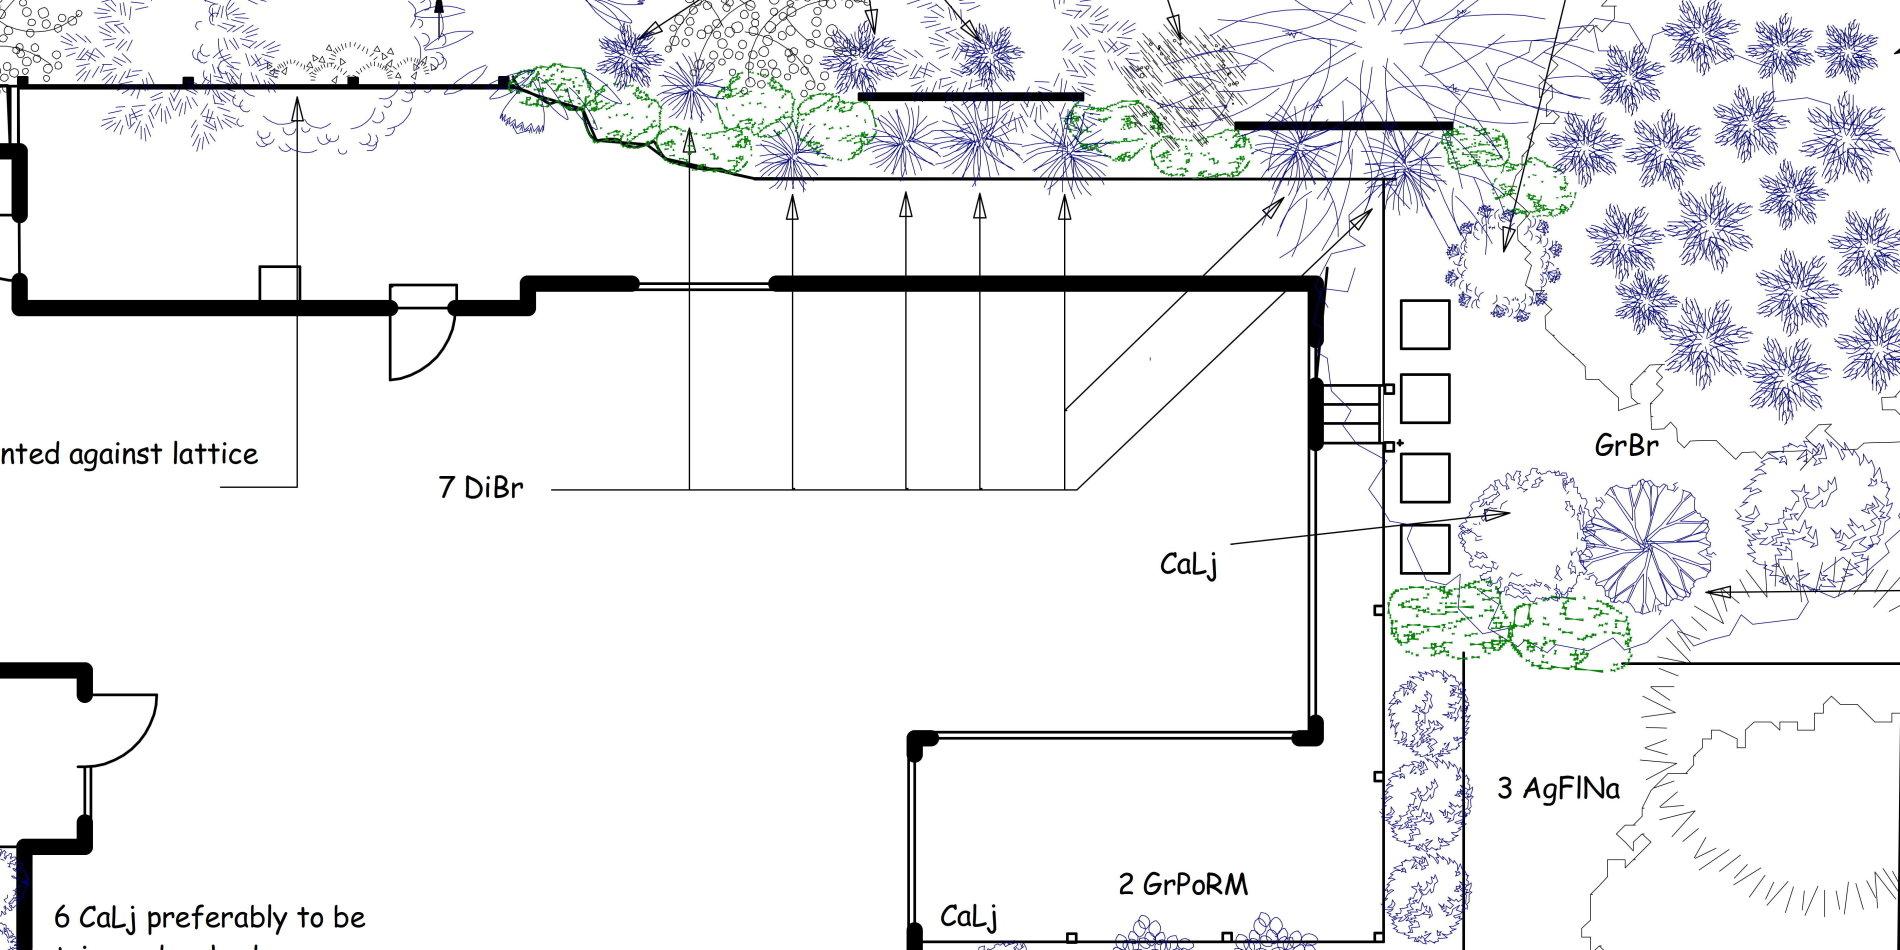 Landworkscad Best Landscape Design Software